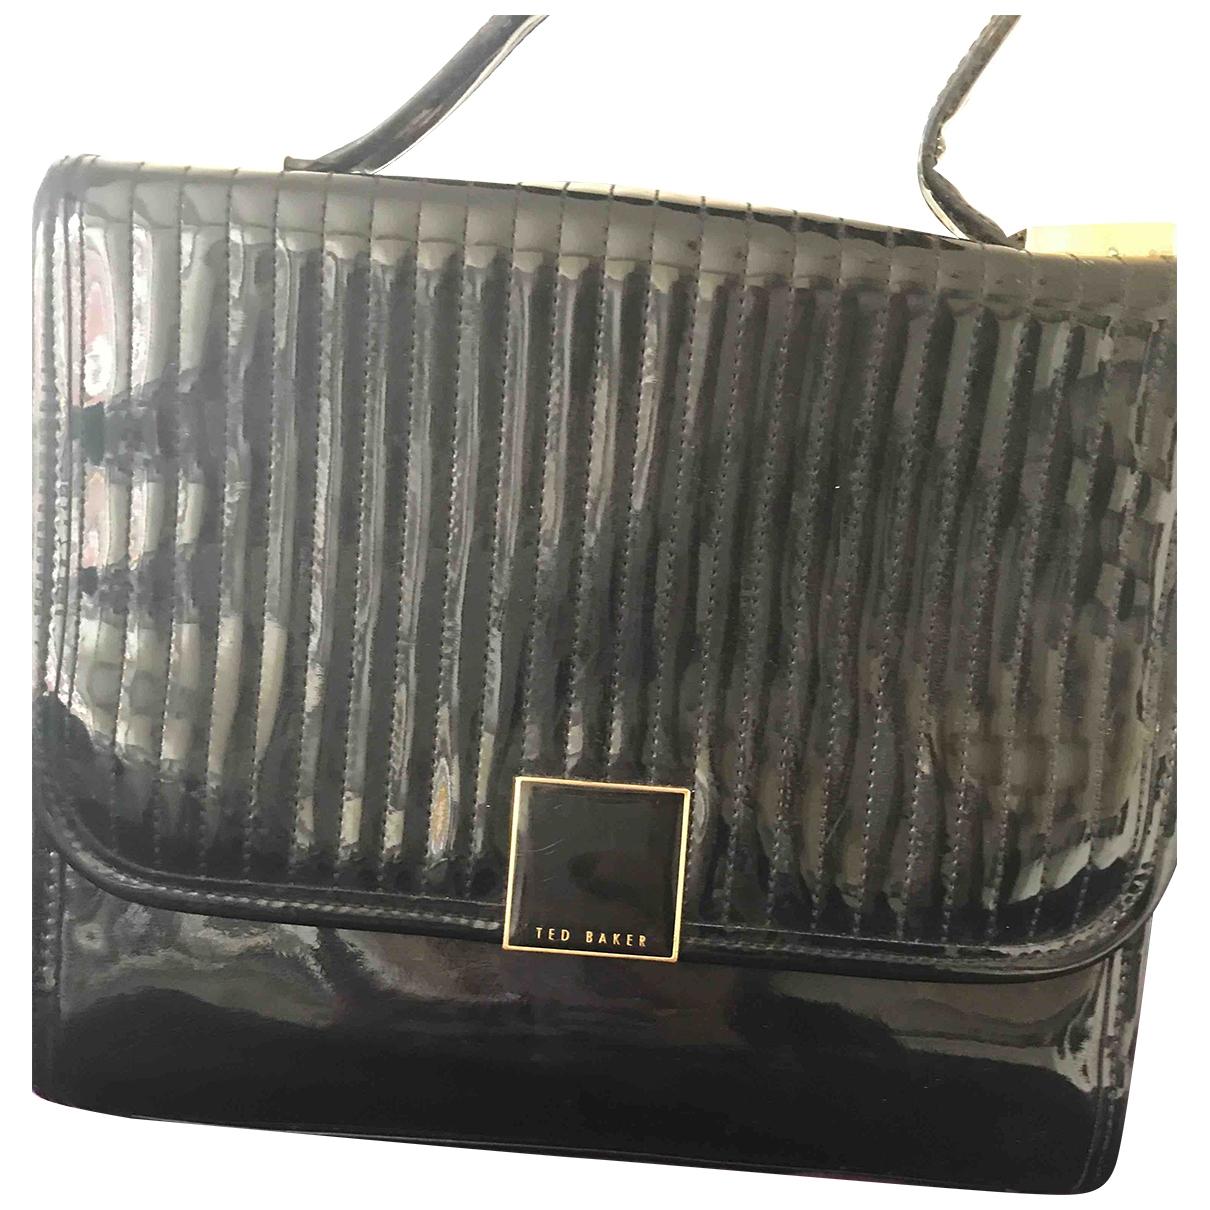 Ted Baker \N Black Leather handbag for Women \N